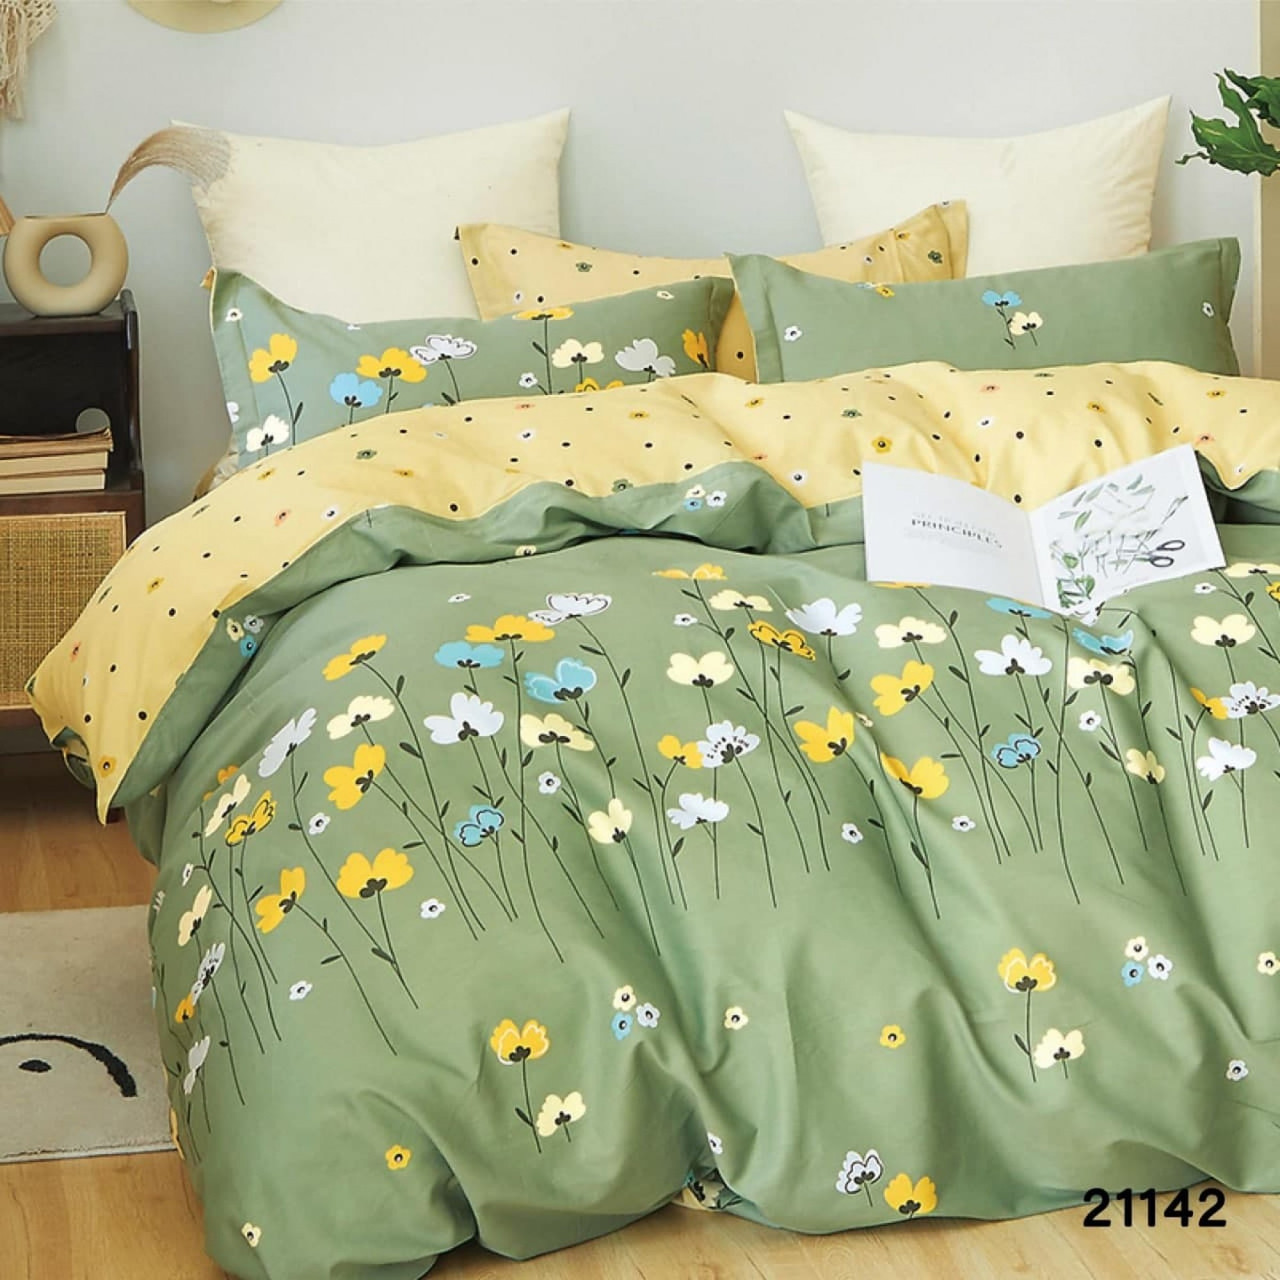 Комплект постельного белья ранфорс 21142 ТМ Вилюта